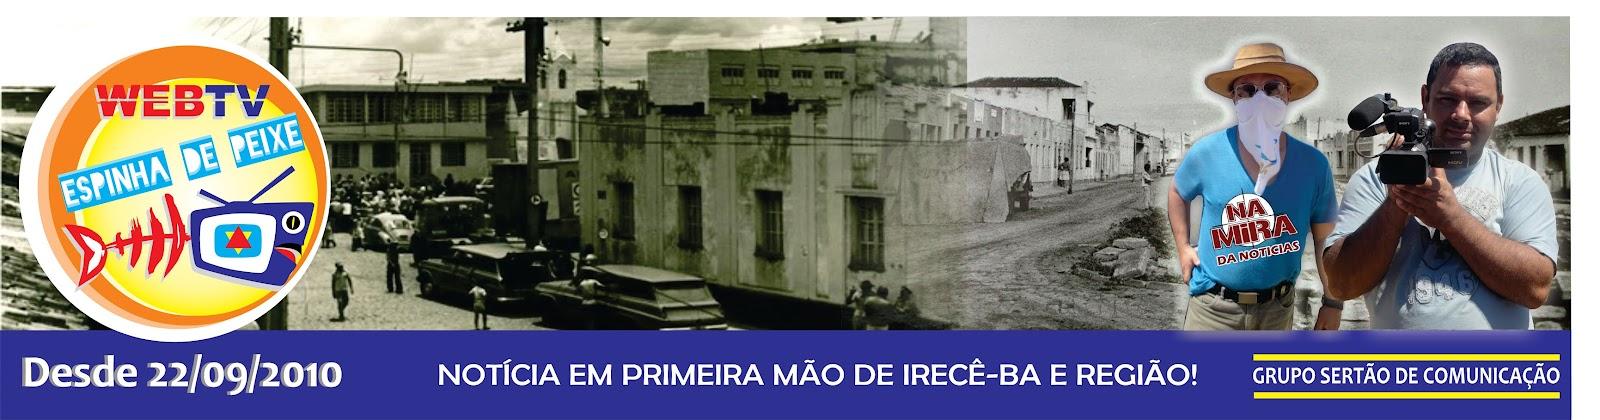 WEB TV ESPINHA DE PEIXE